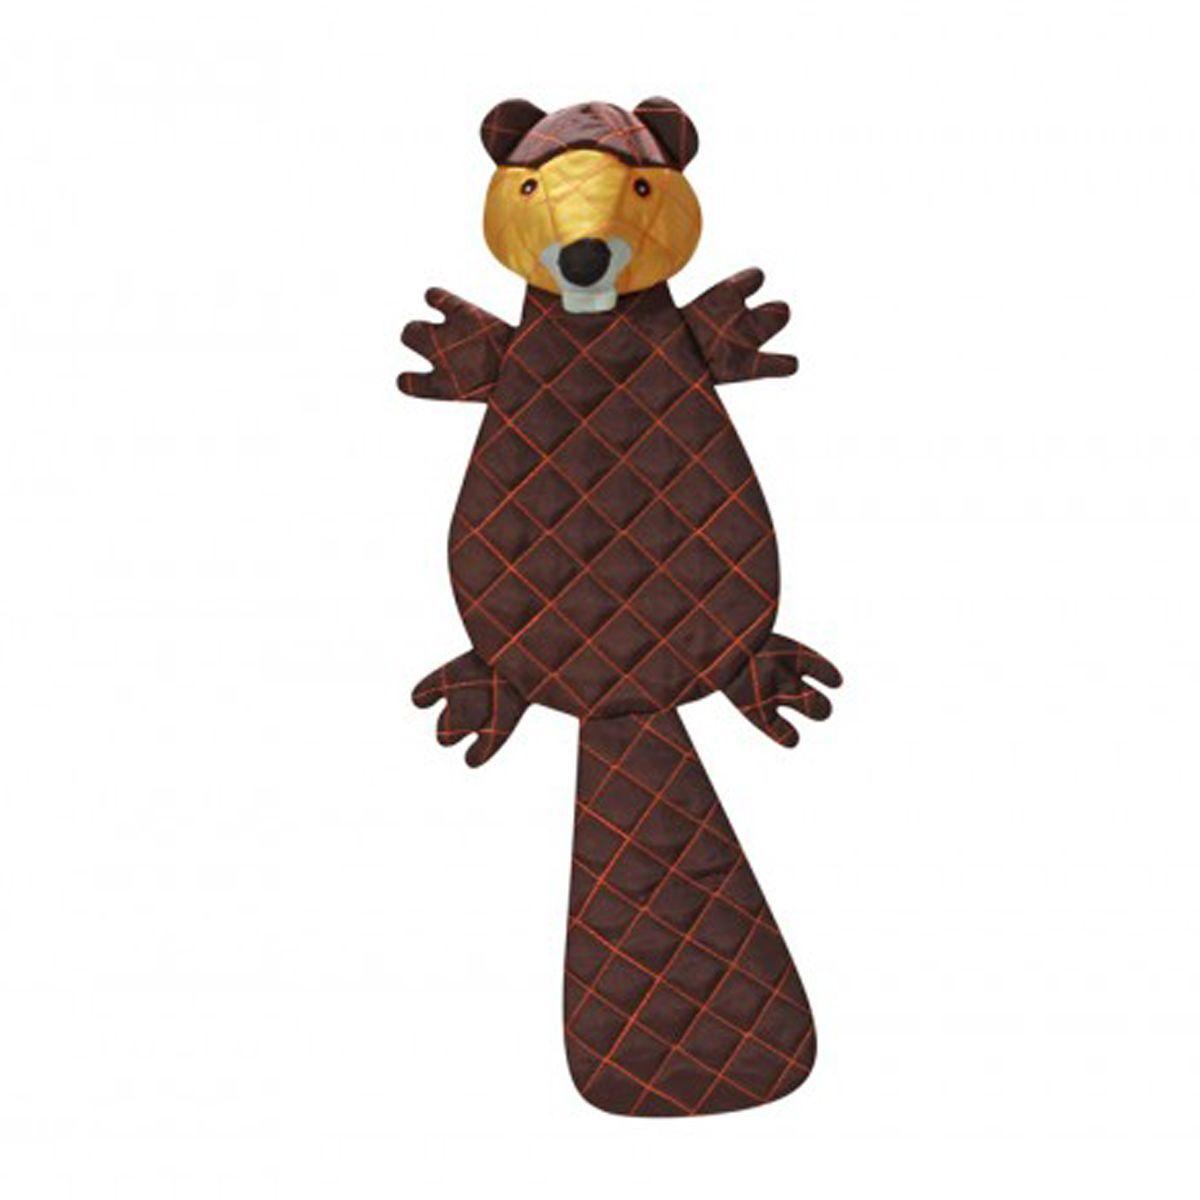 Hugglehounds Tuffut Luxx Dog Toy Beaver With Images Dog Toys